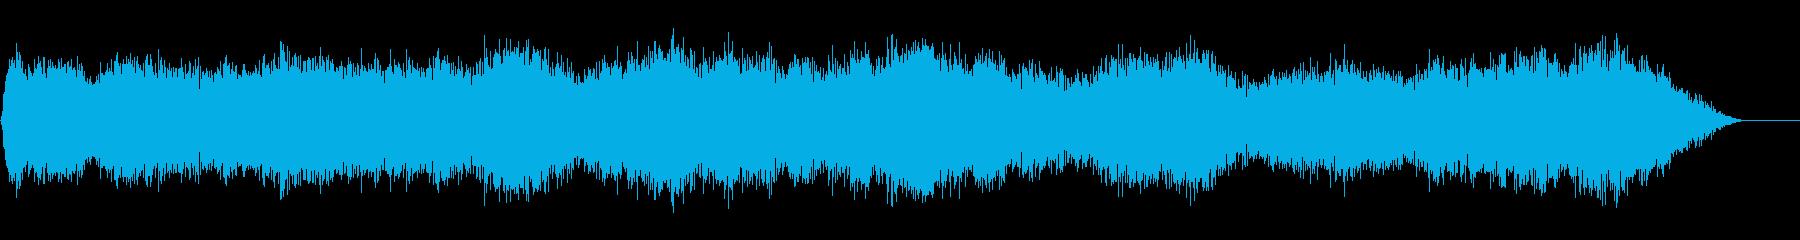 背景音 雪山などにの再生済みの波形